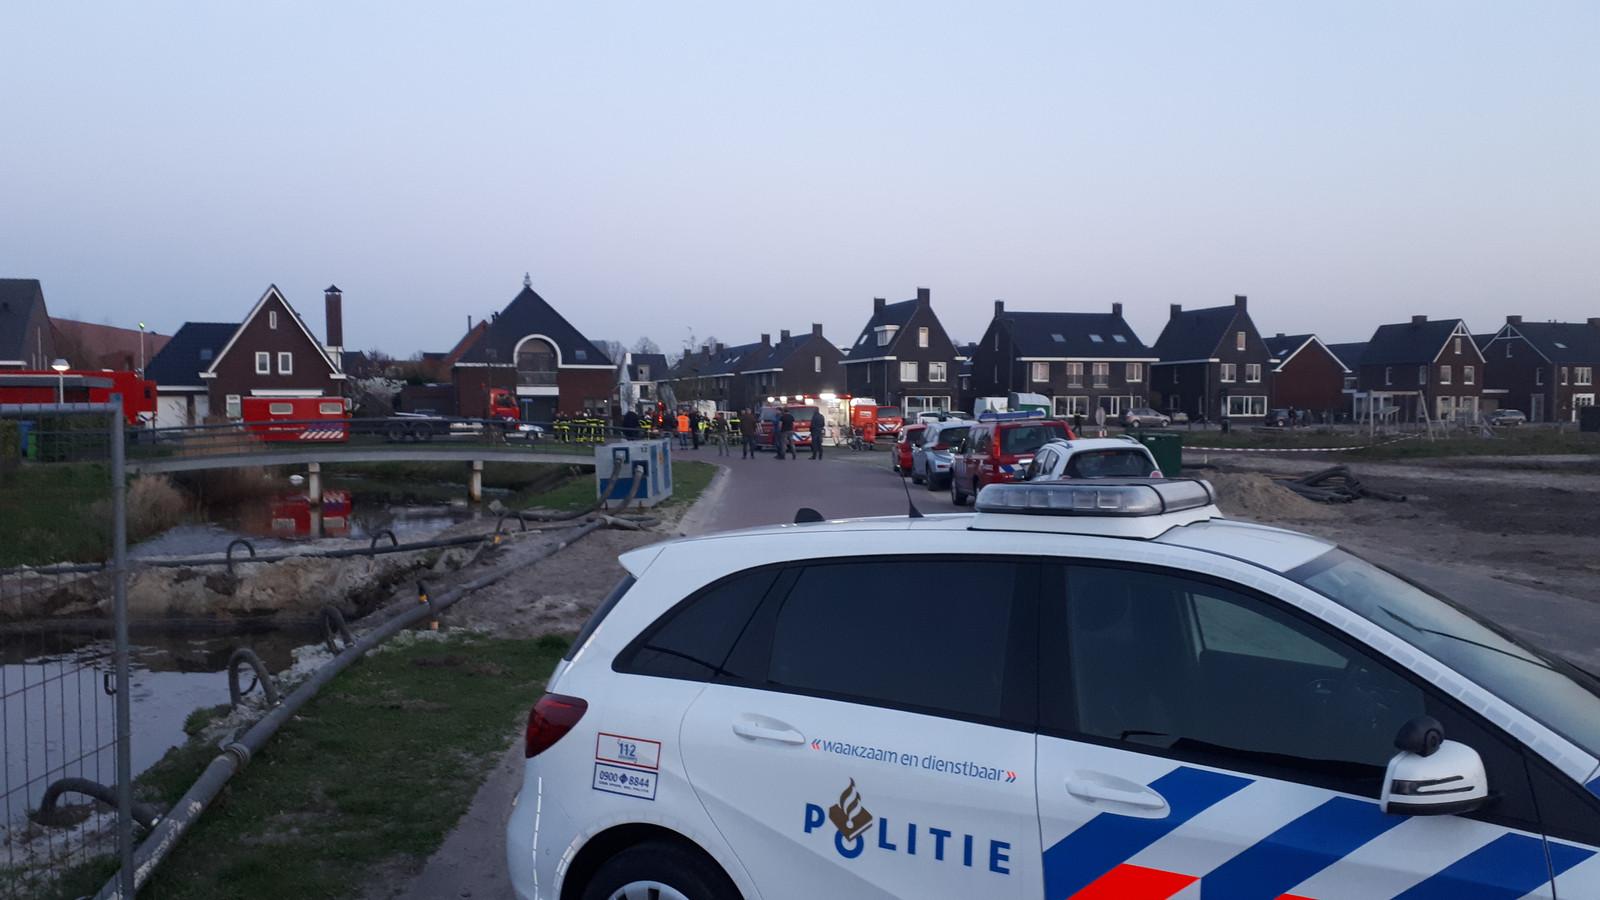 Om de medewerkers van Enexis en de brandweer rustig hun werk te laten doen werd de omgeving van het afgebrande transformatorhuisje door de politie afgesloten.